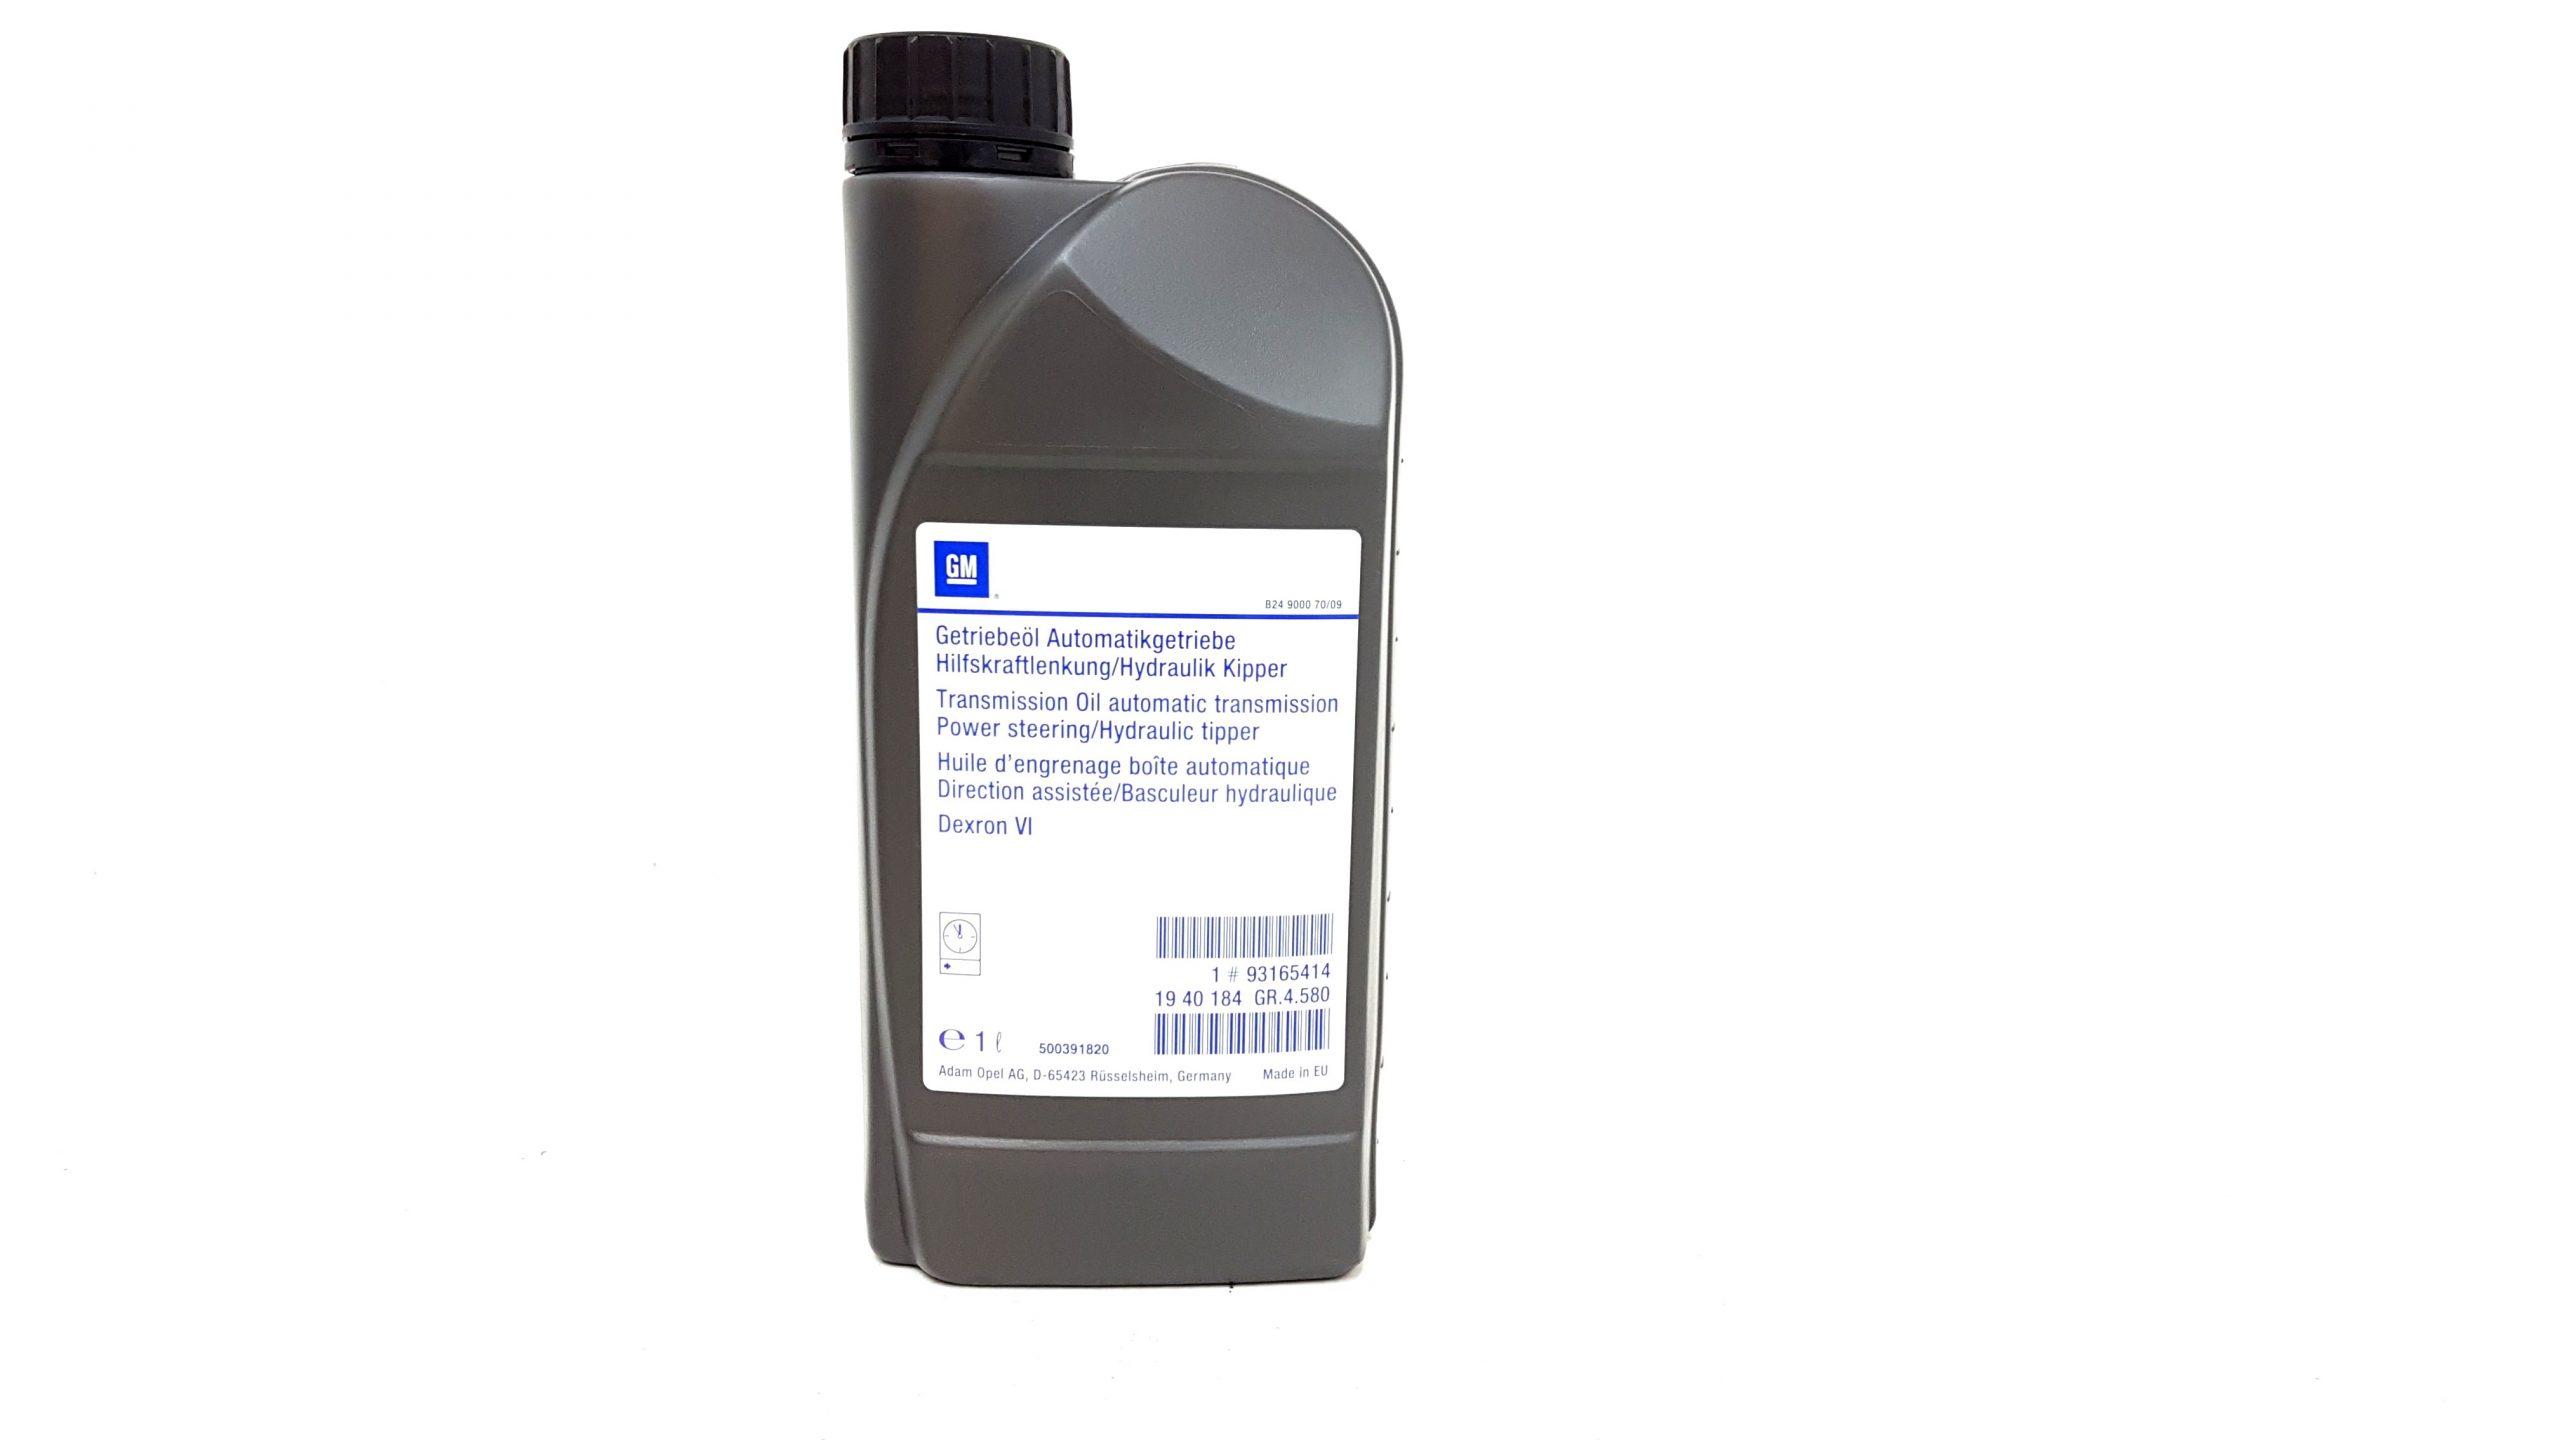 OPEL TRANSMISION OIL